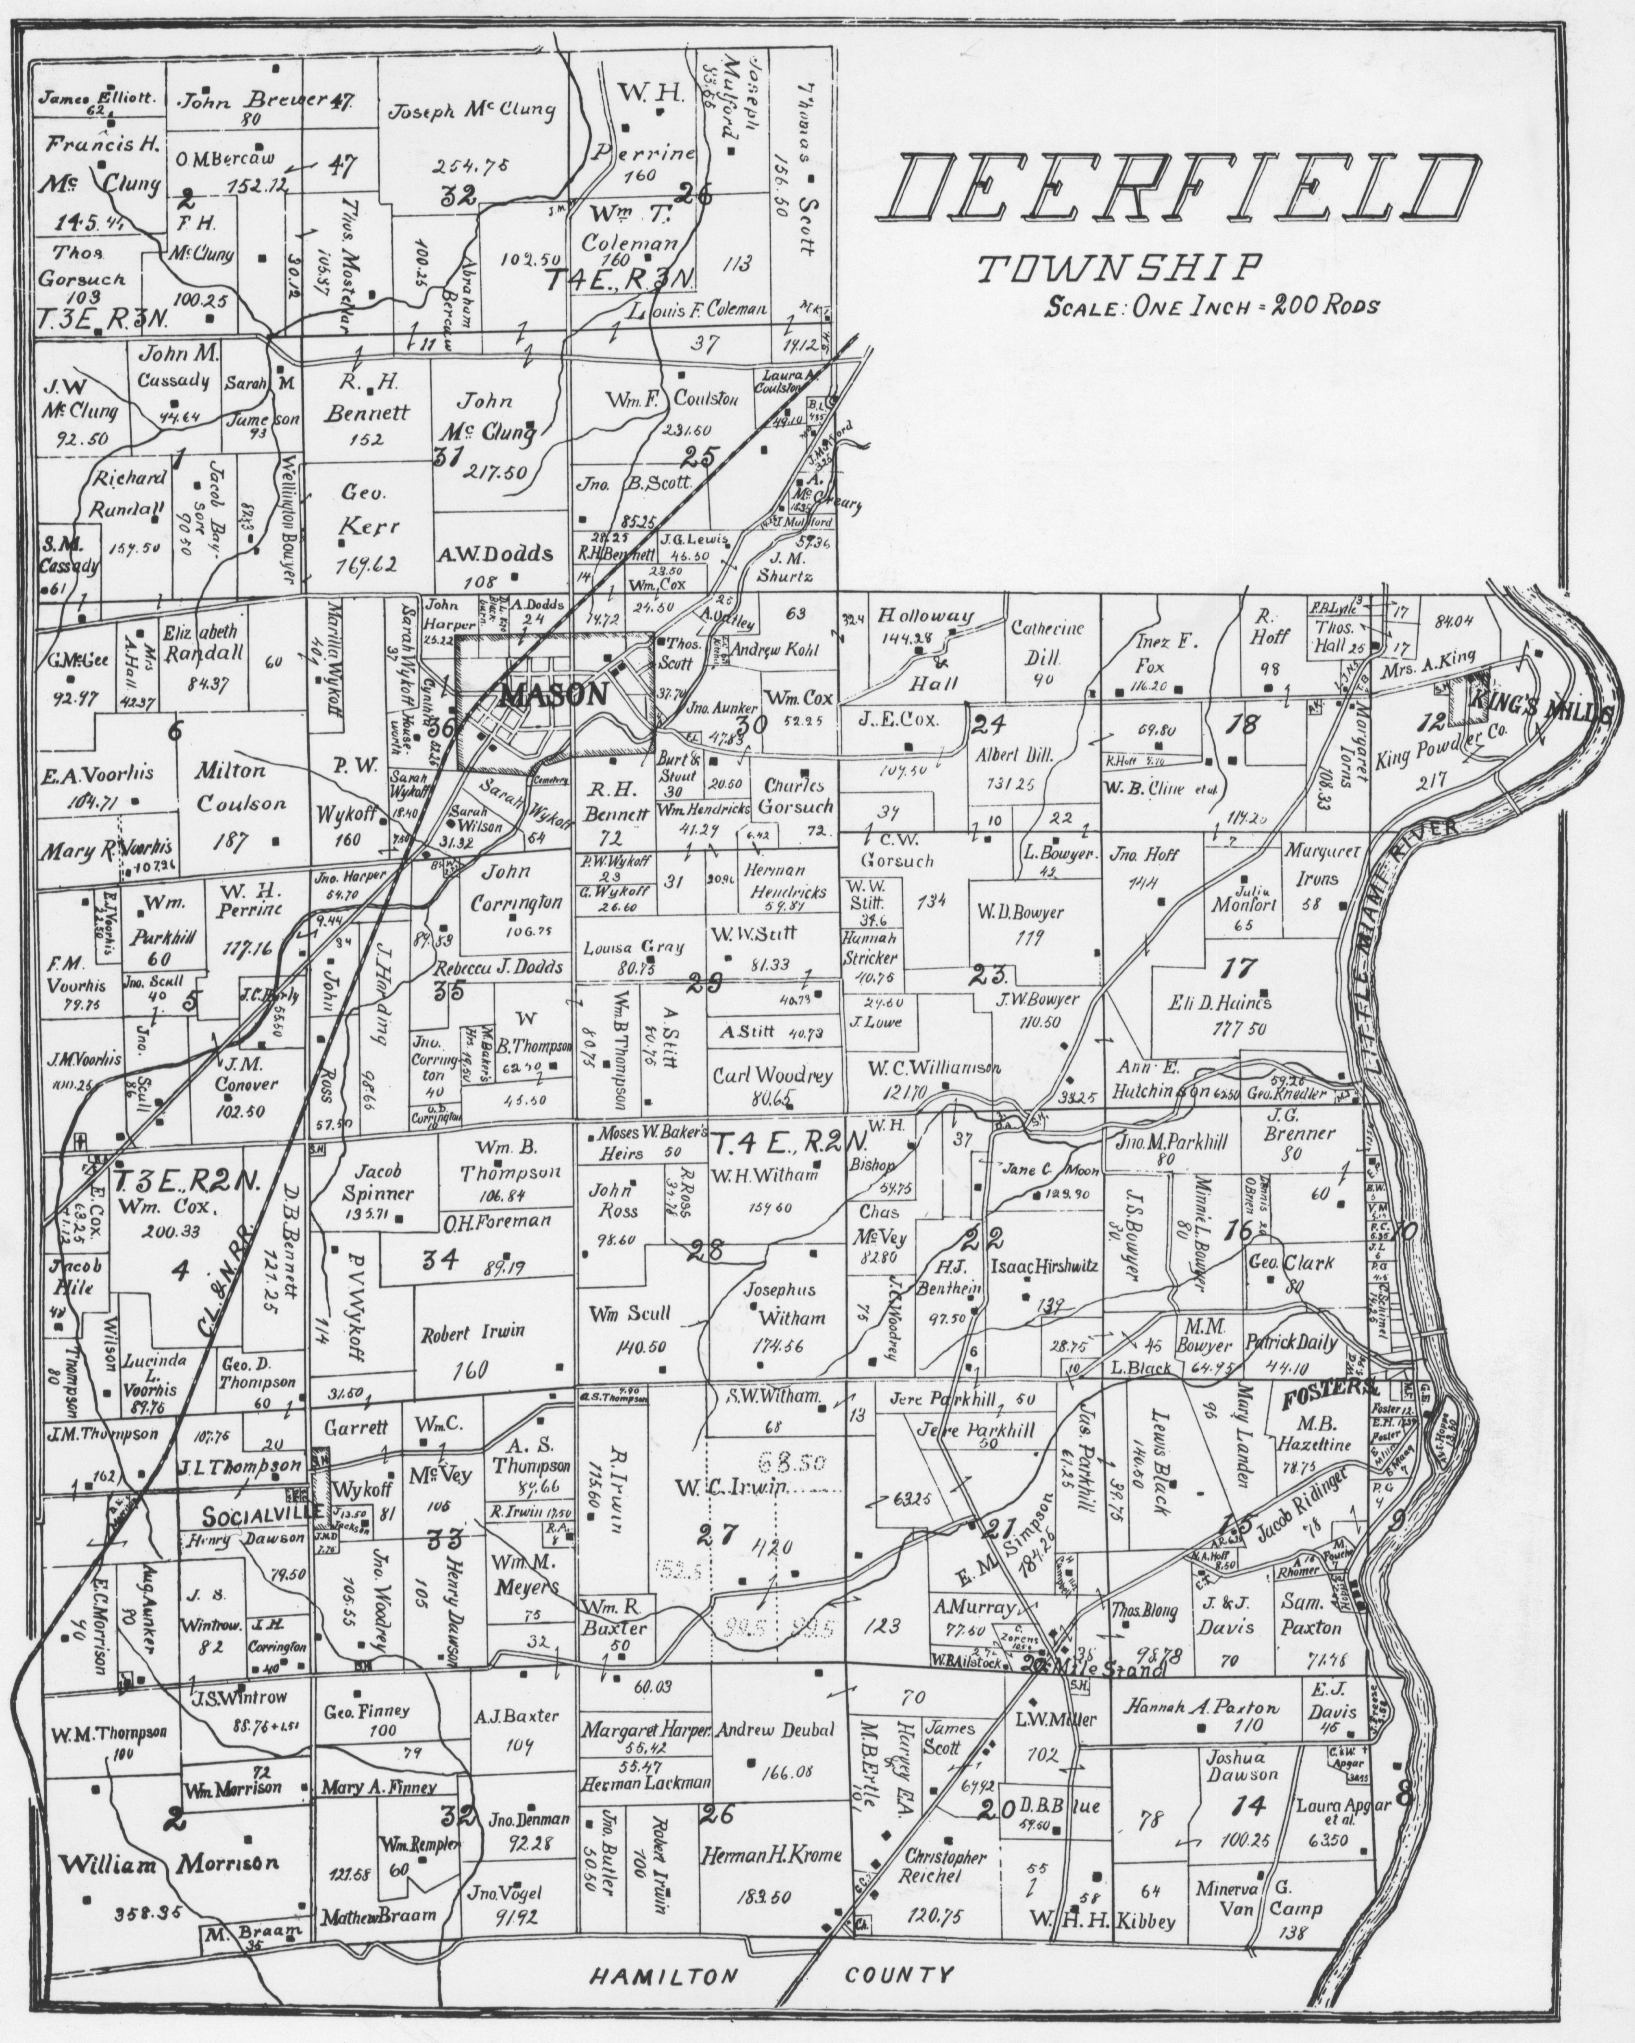 Deerfield Township map